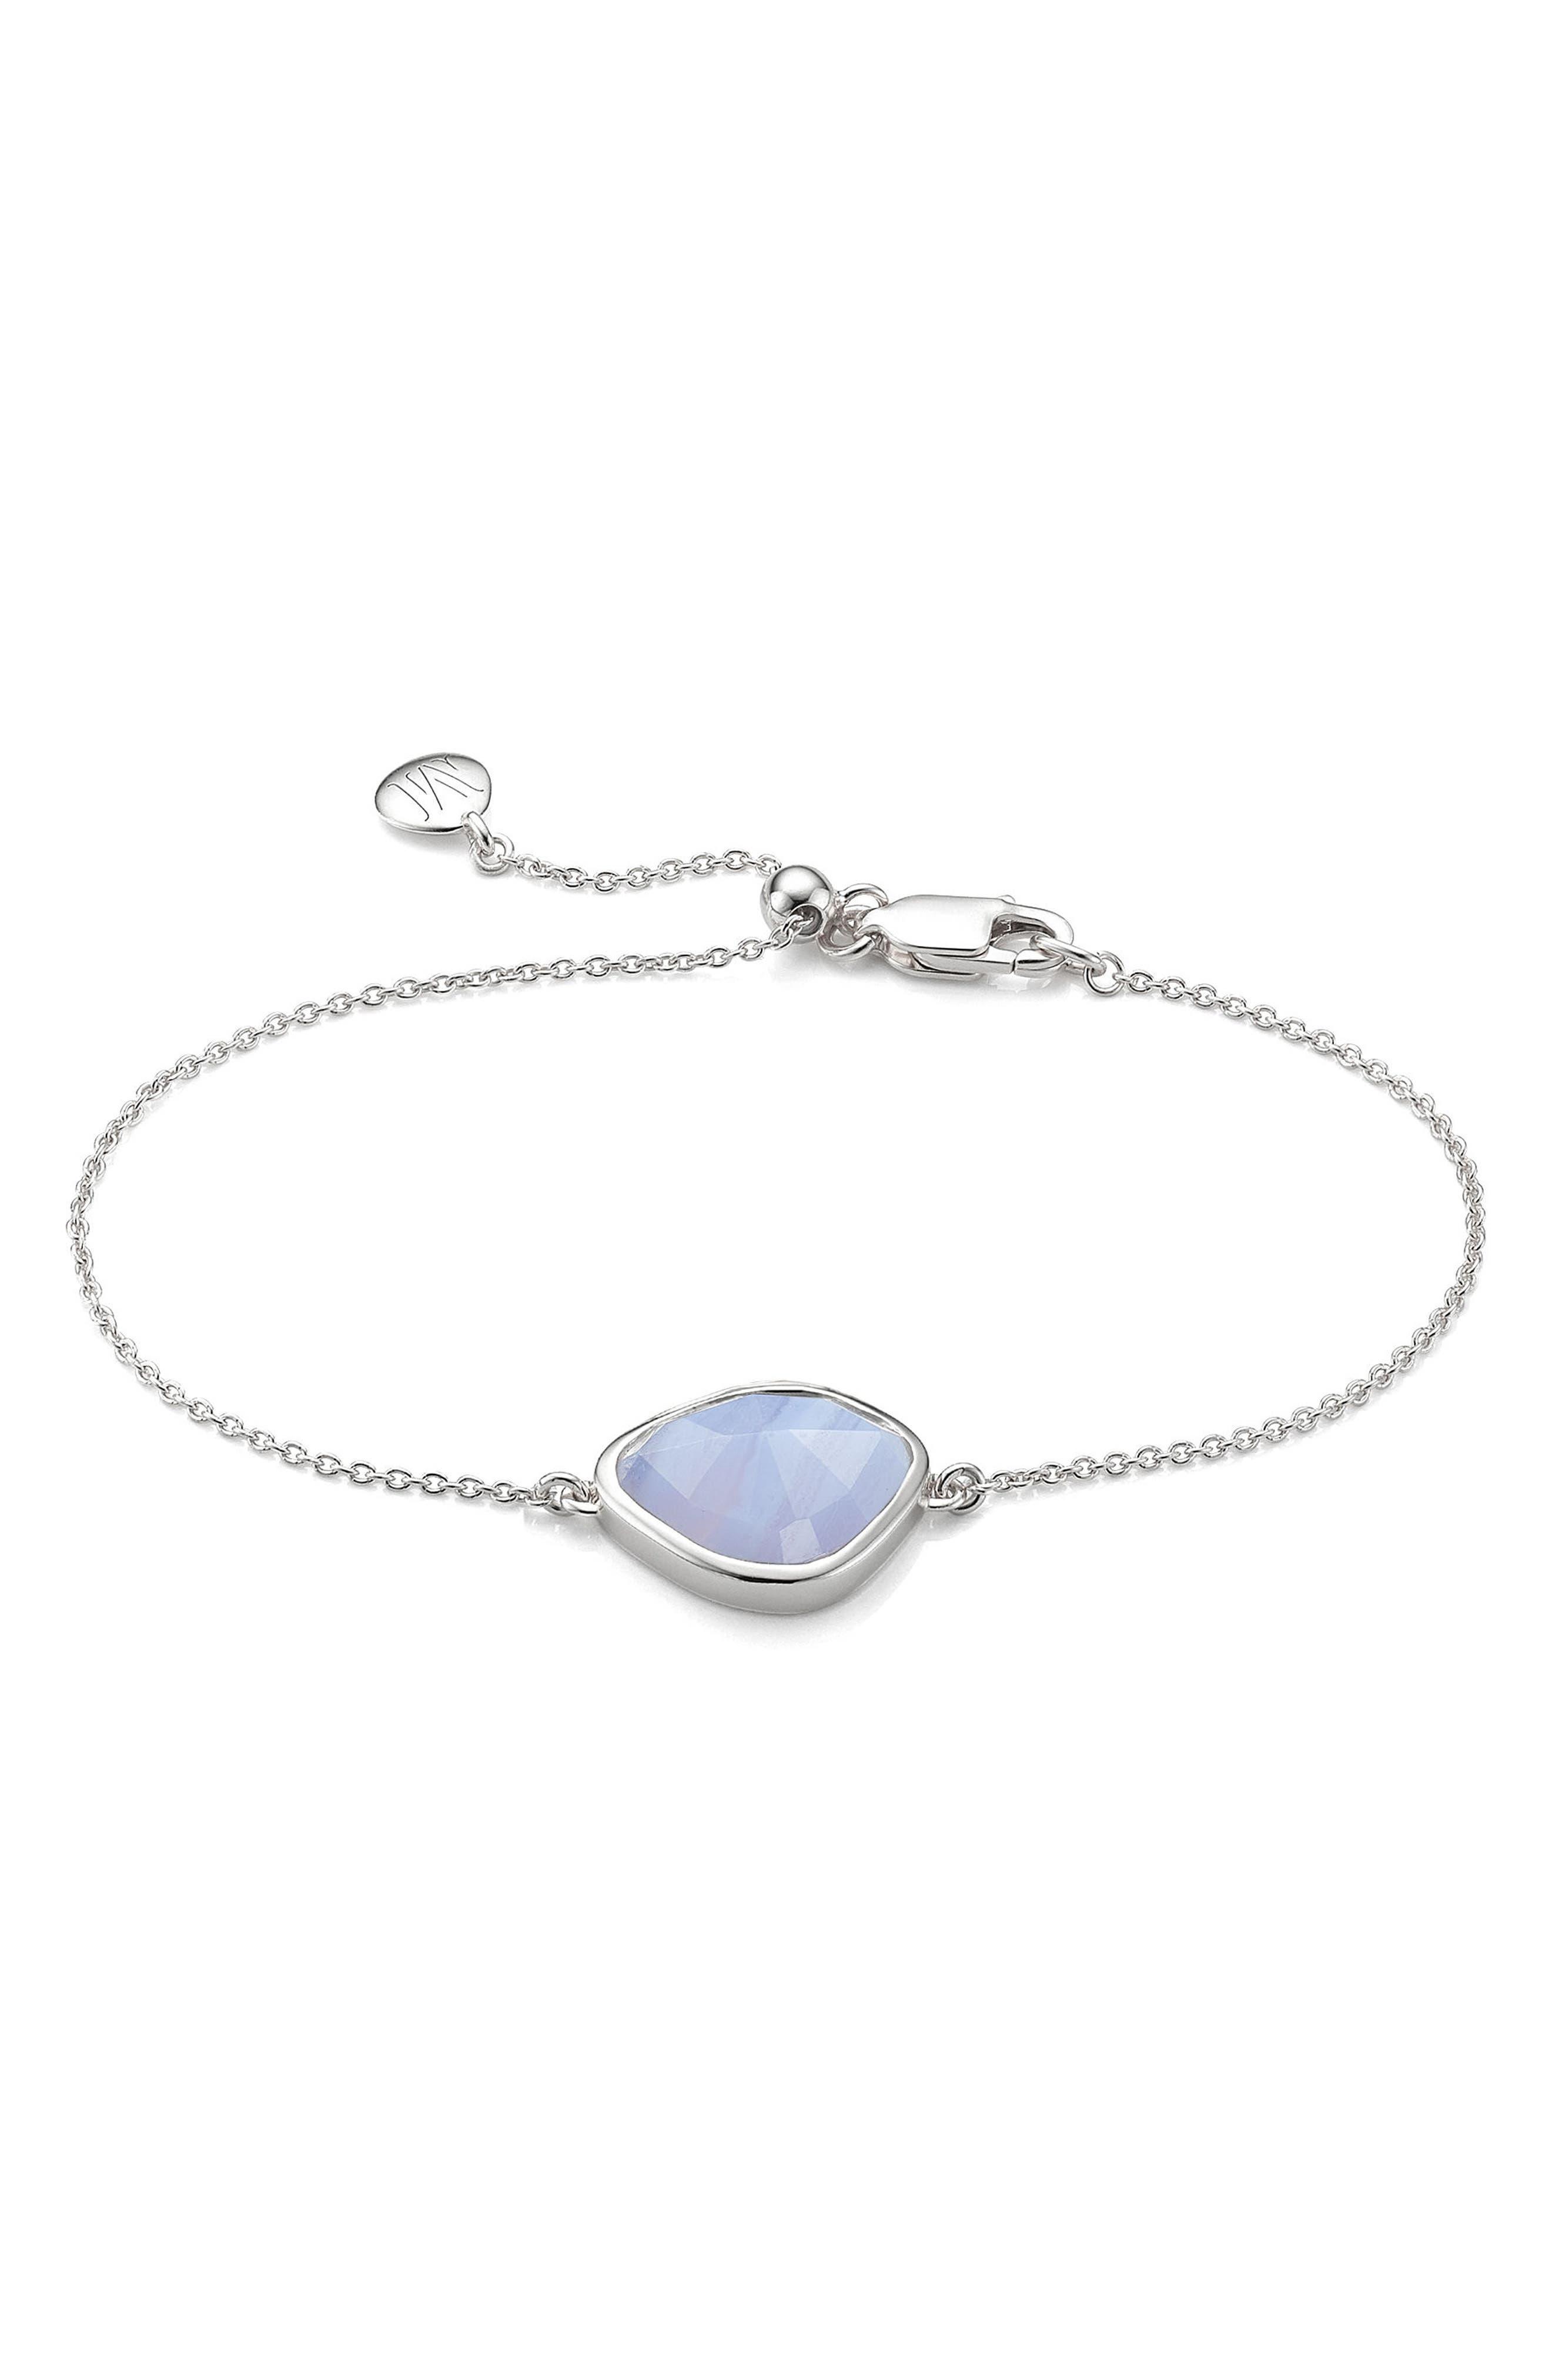 Siren Nugget Bracelet,                         Main,                         color, Silver/ Blue Lace Agate